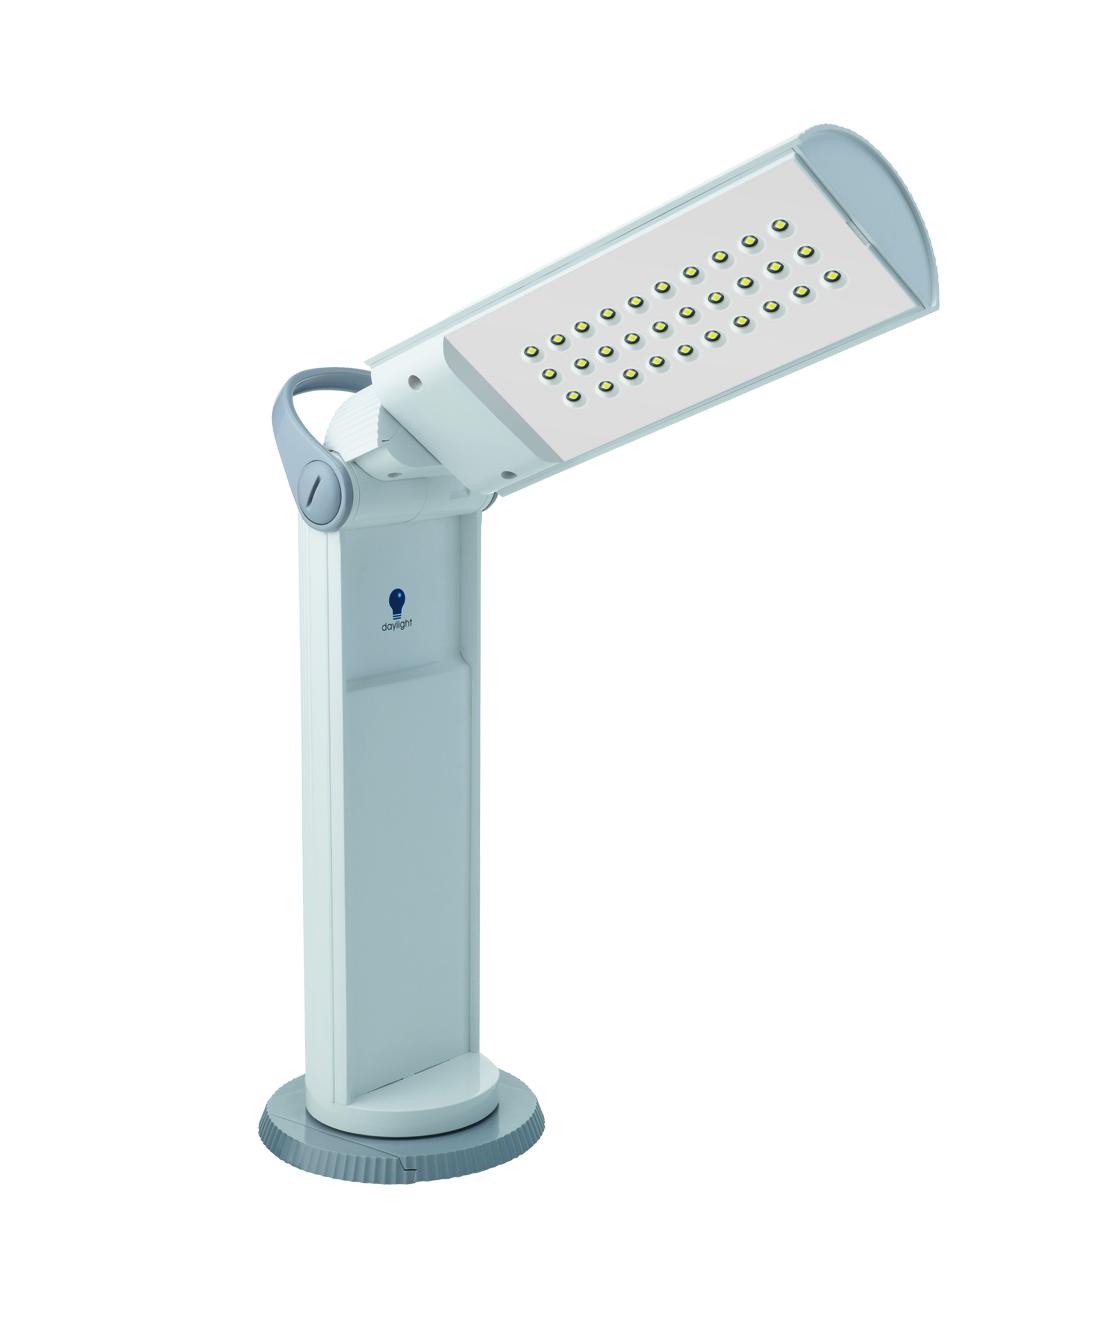 Bordlampe Daylight Twist LED